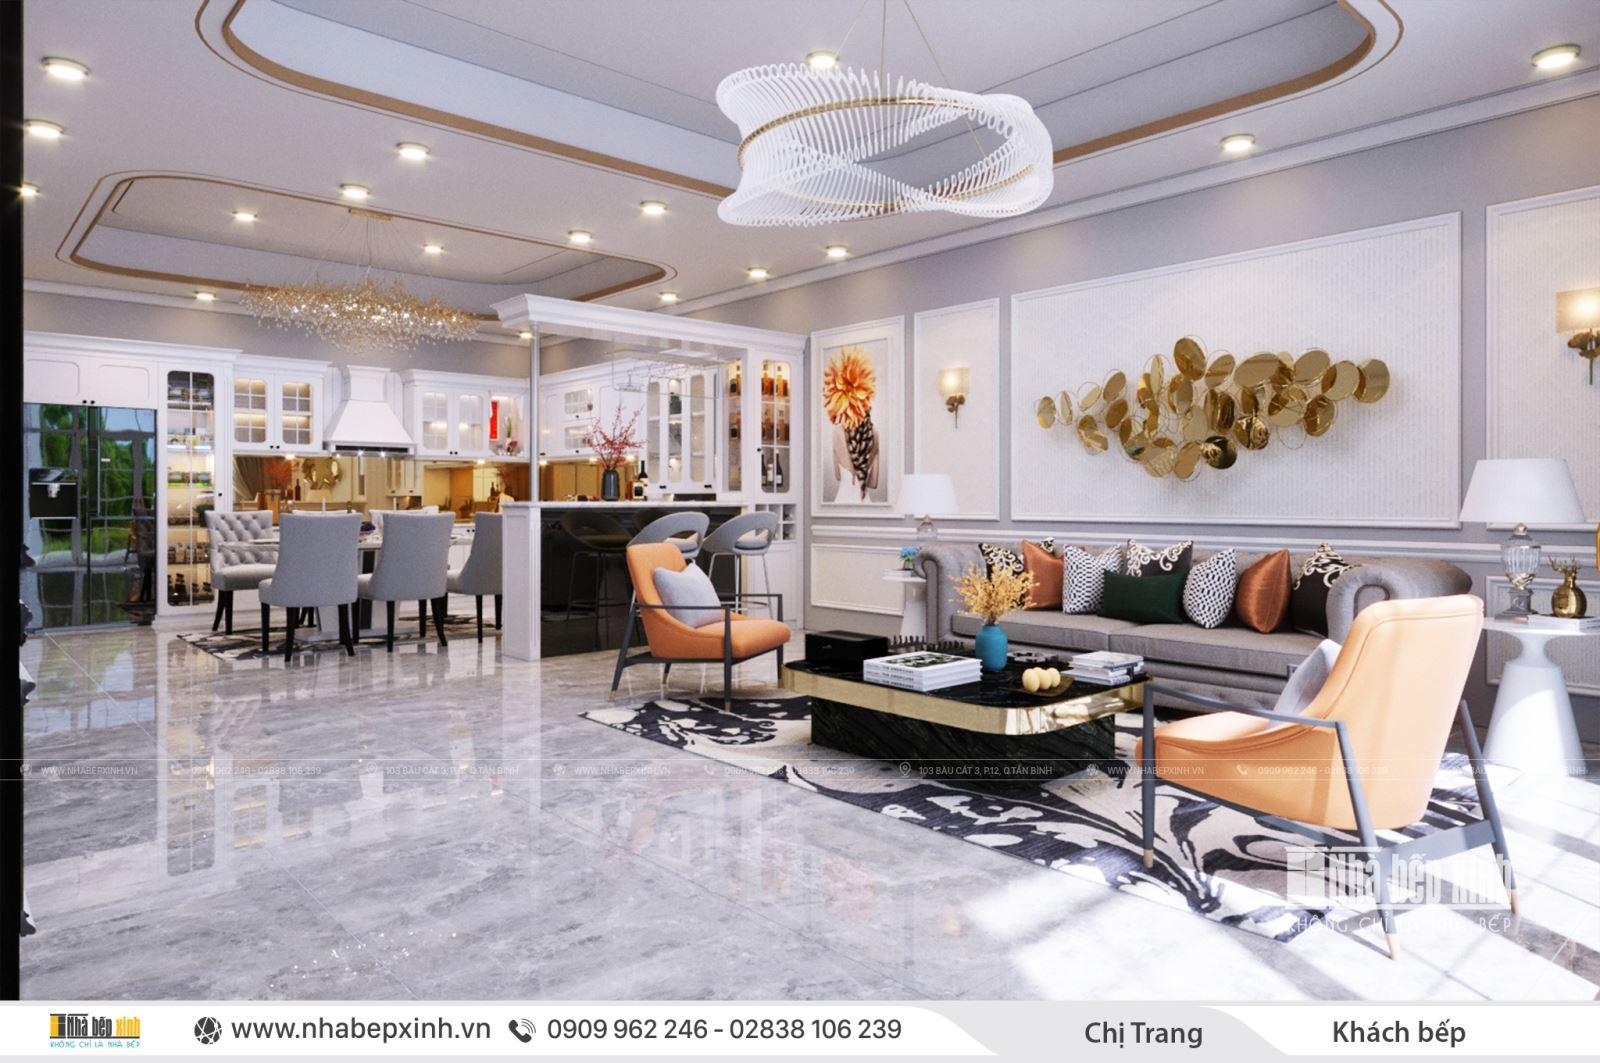 Các mẫu thiết kế nội thất phòng khách bếp